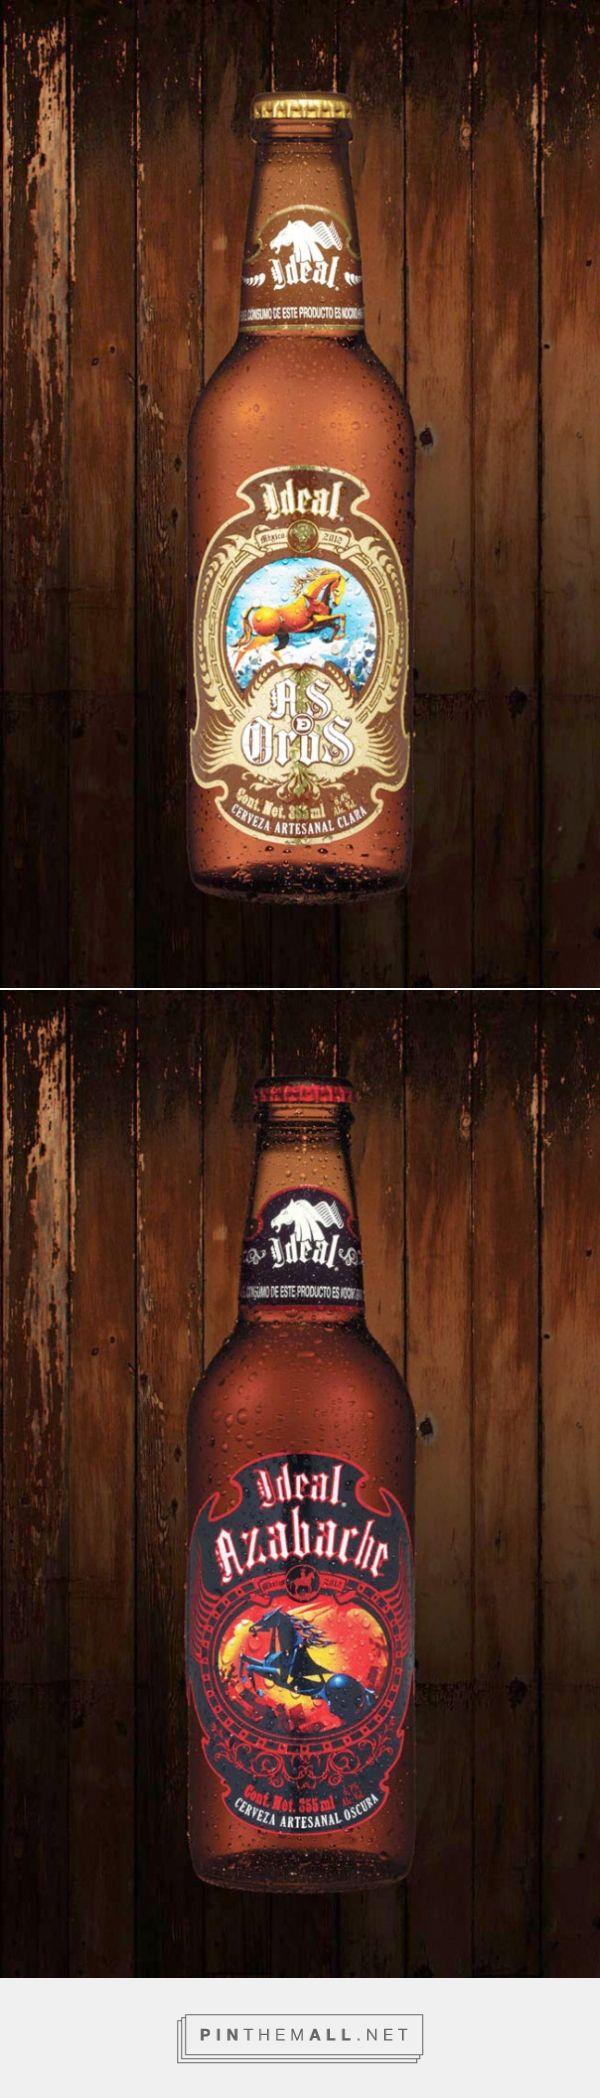 Cerveza Ideal via BLOGgraphic. Se viene una nueva cerveza mexicana, próximamente saldrá al mercado, su nombre, la Cerveza Ideal de la mano de Grupo Modelo. Las etiquetas fueron creadas por el ilustrador mexicano Rafael Sánchez de Icaza.